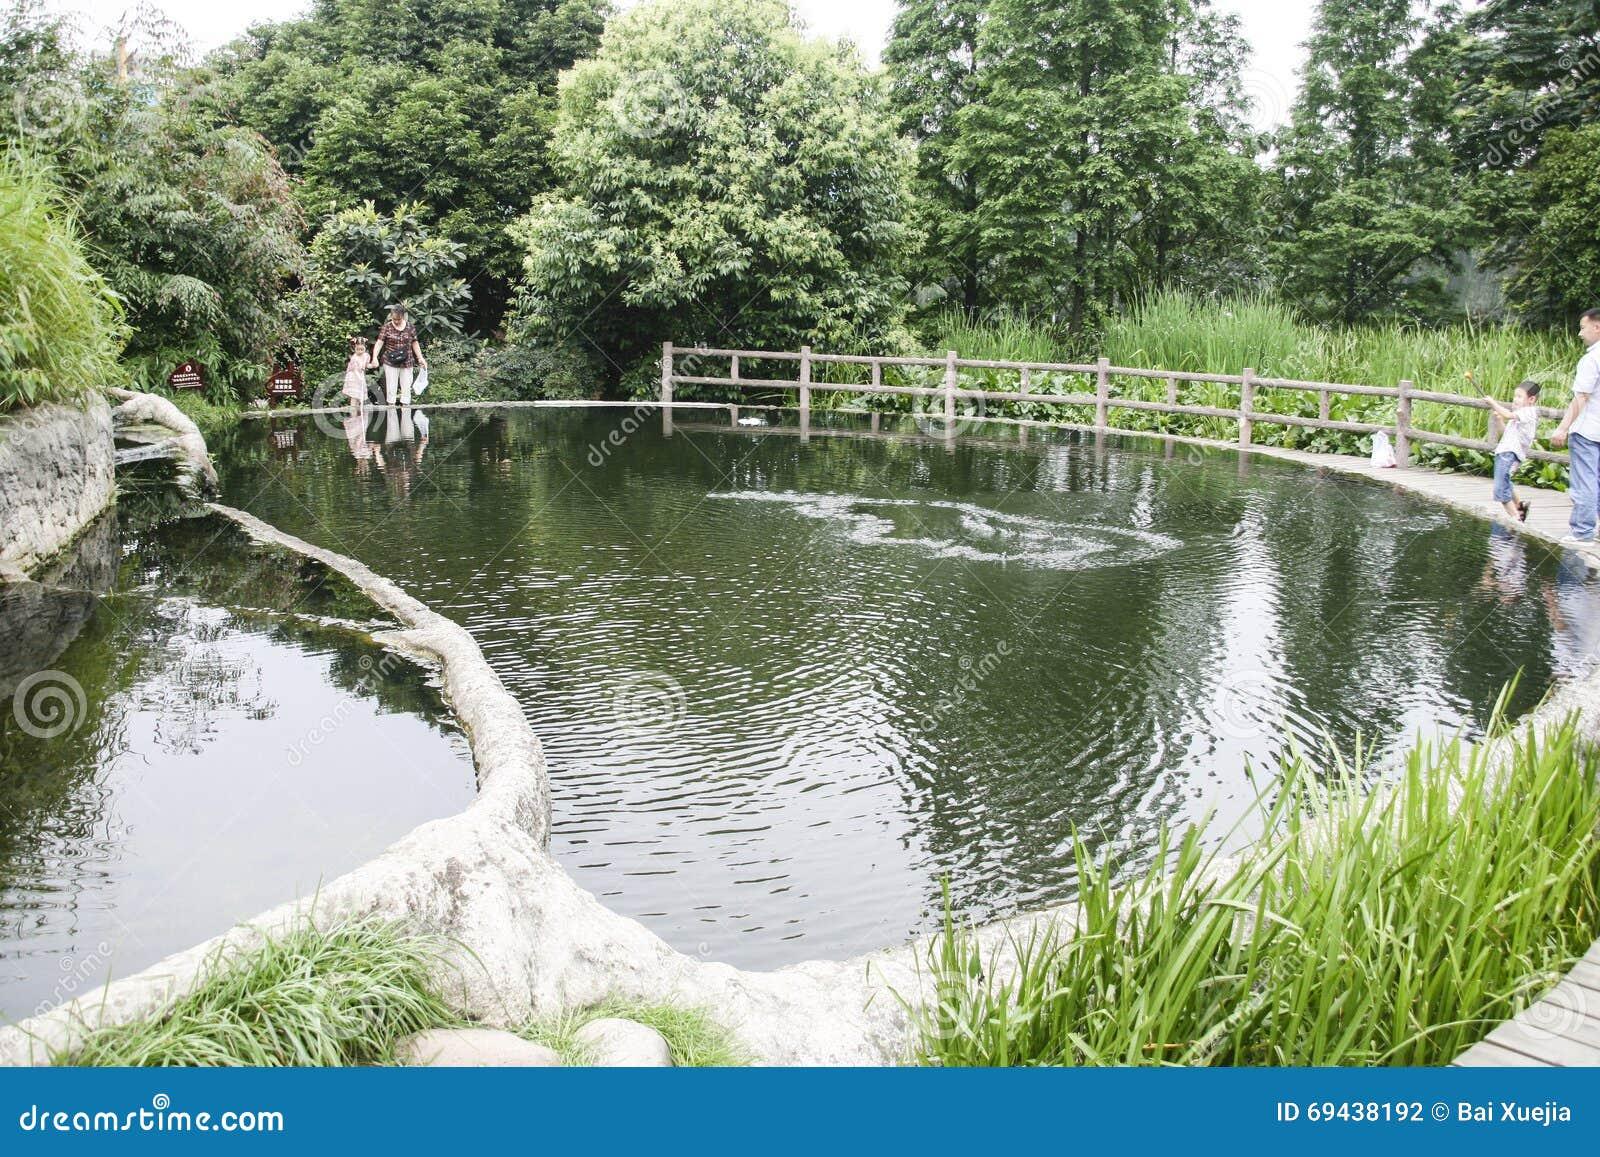 Living Water Garden In Chengdu,china